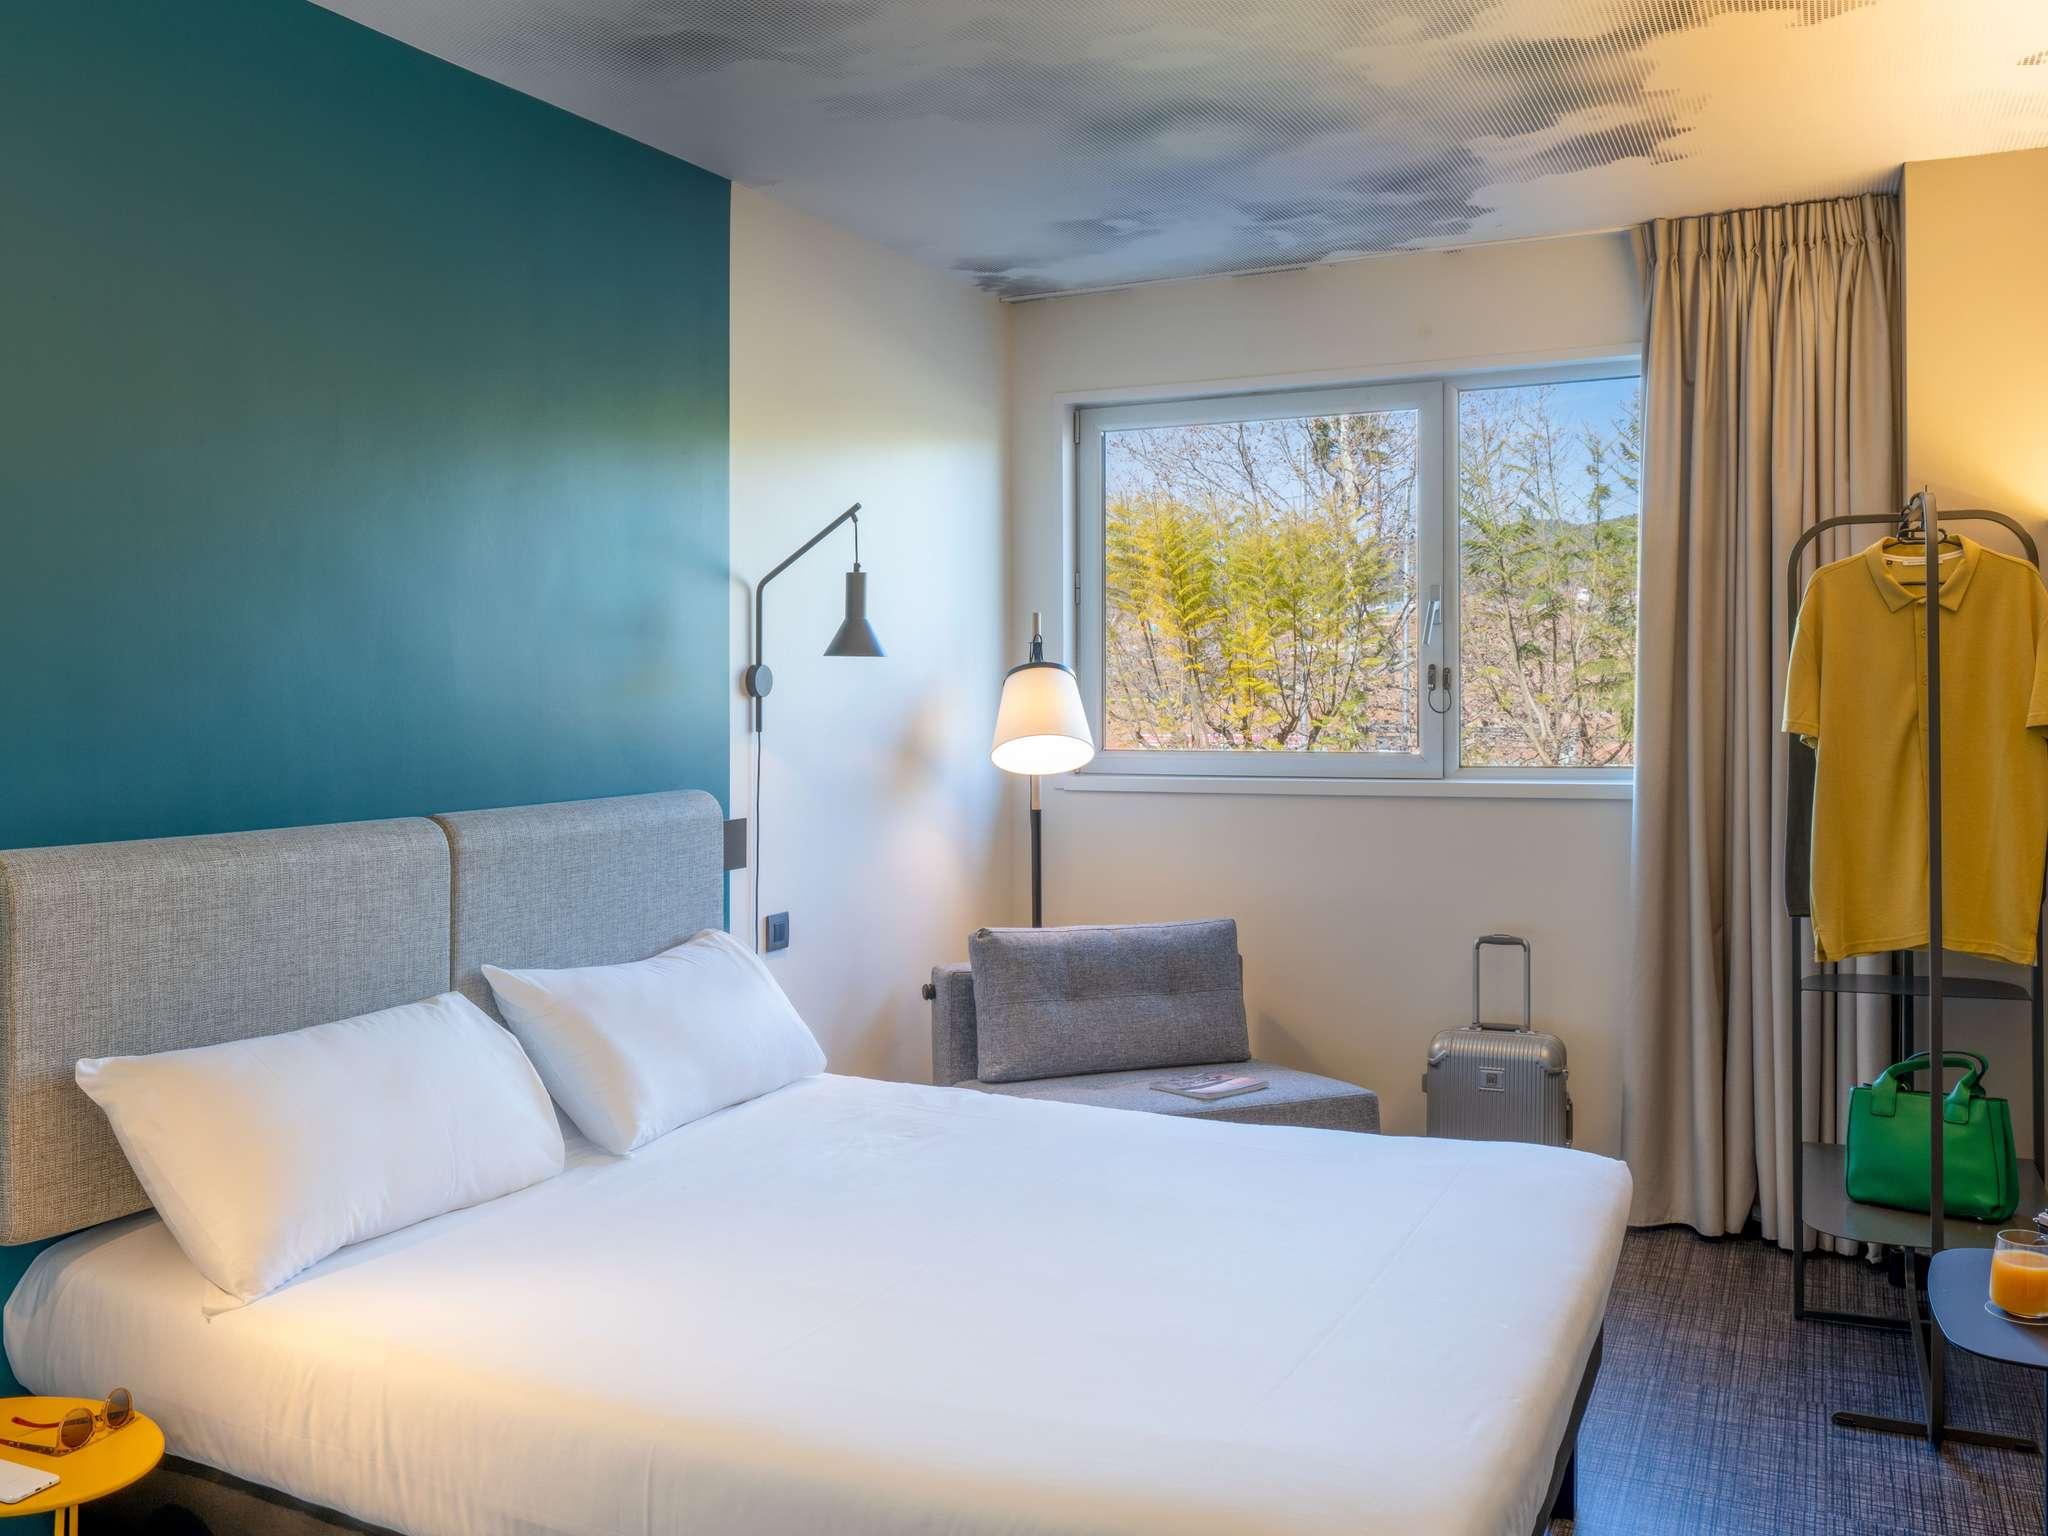 酒店 – 宜必思巴塞罗那维拉德坎斯机场酒店